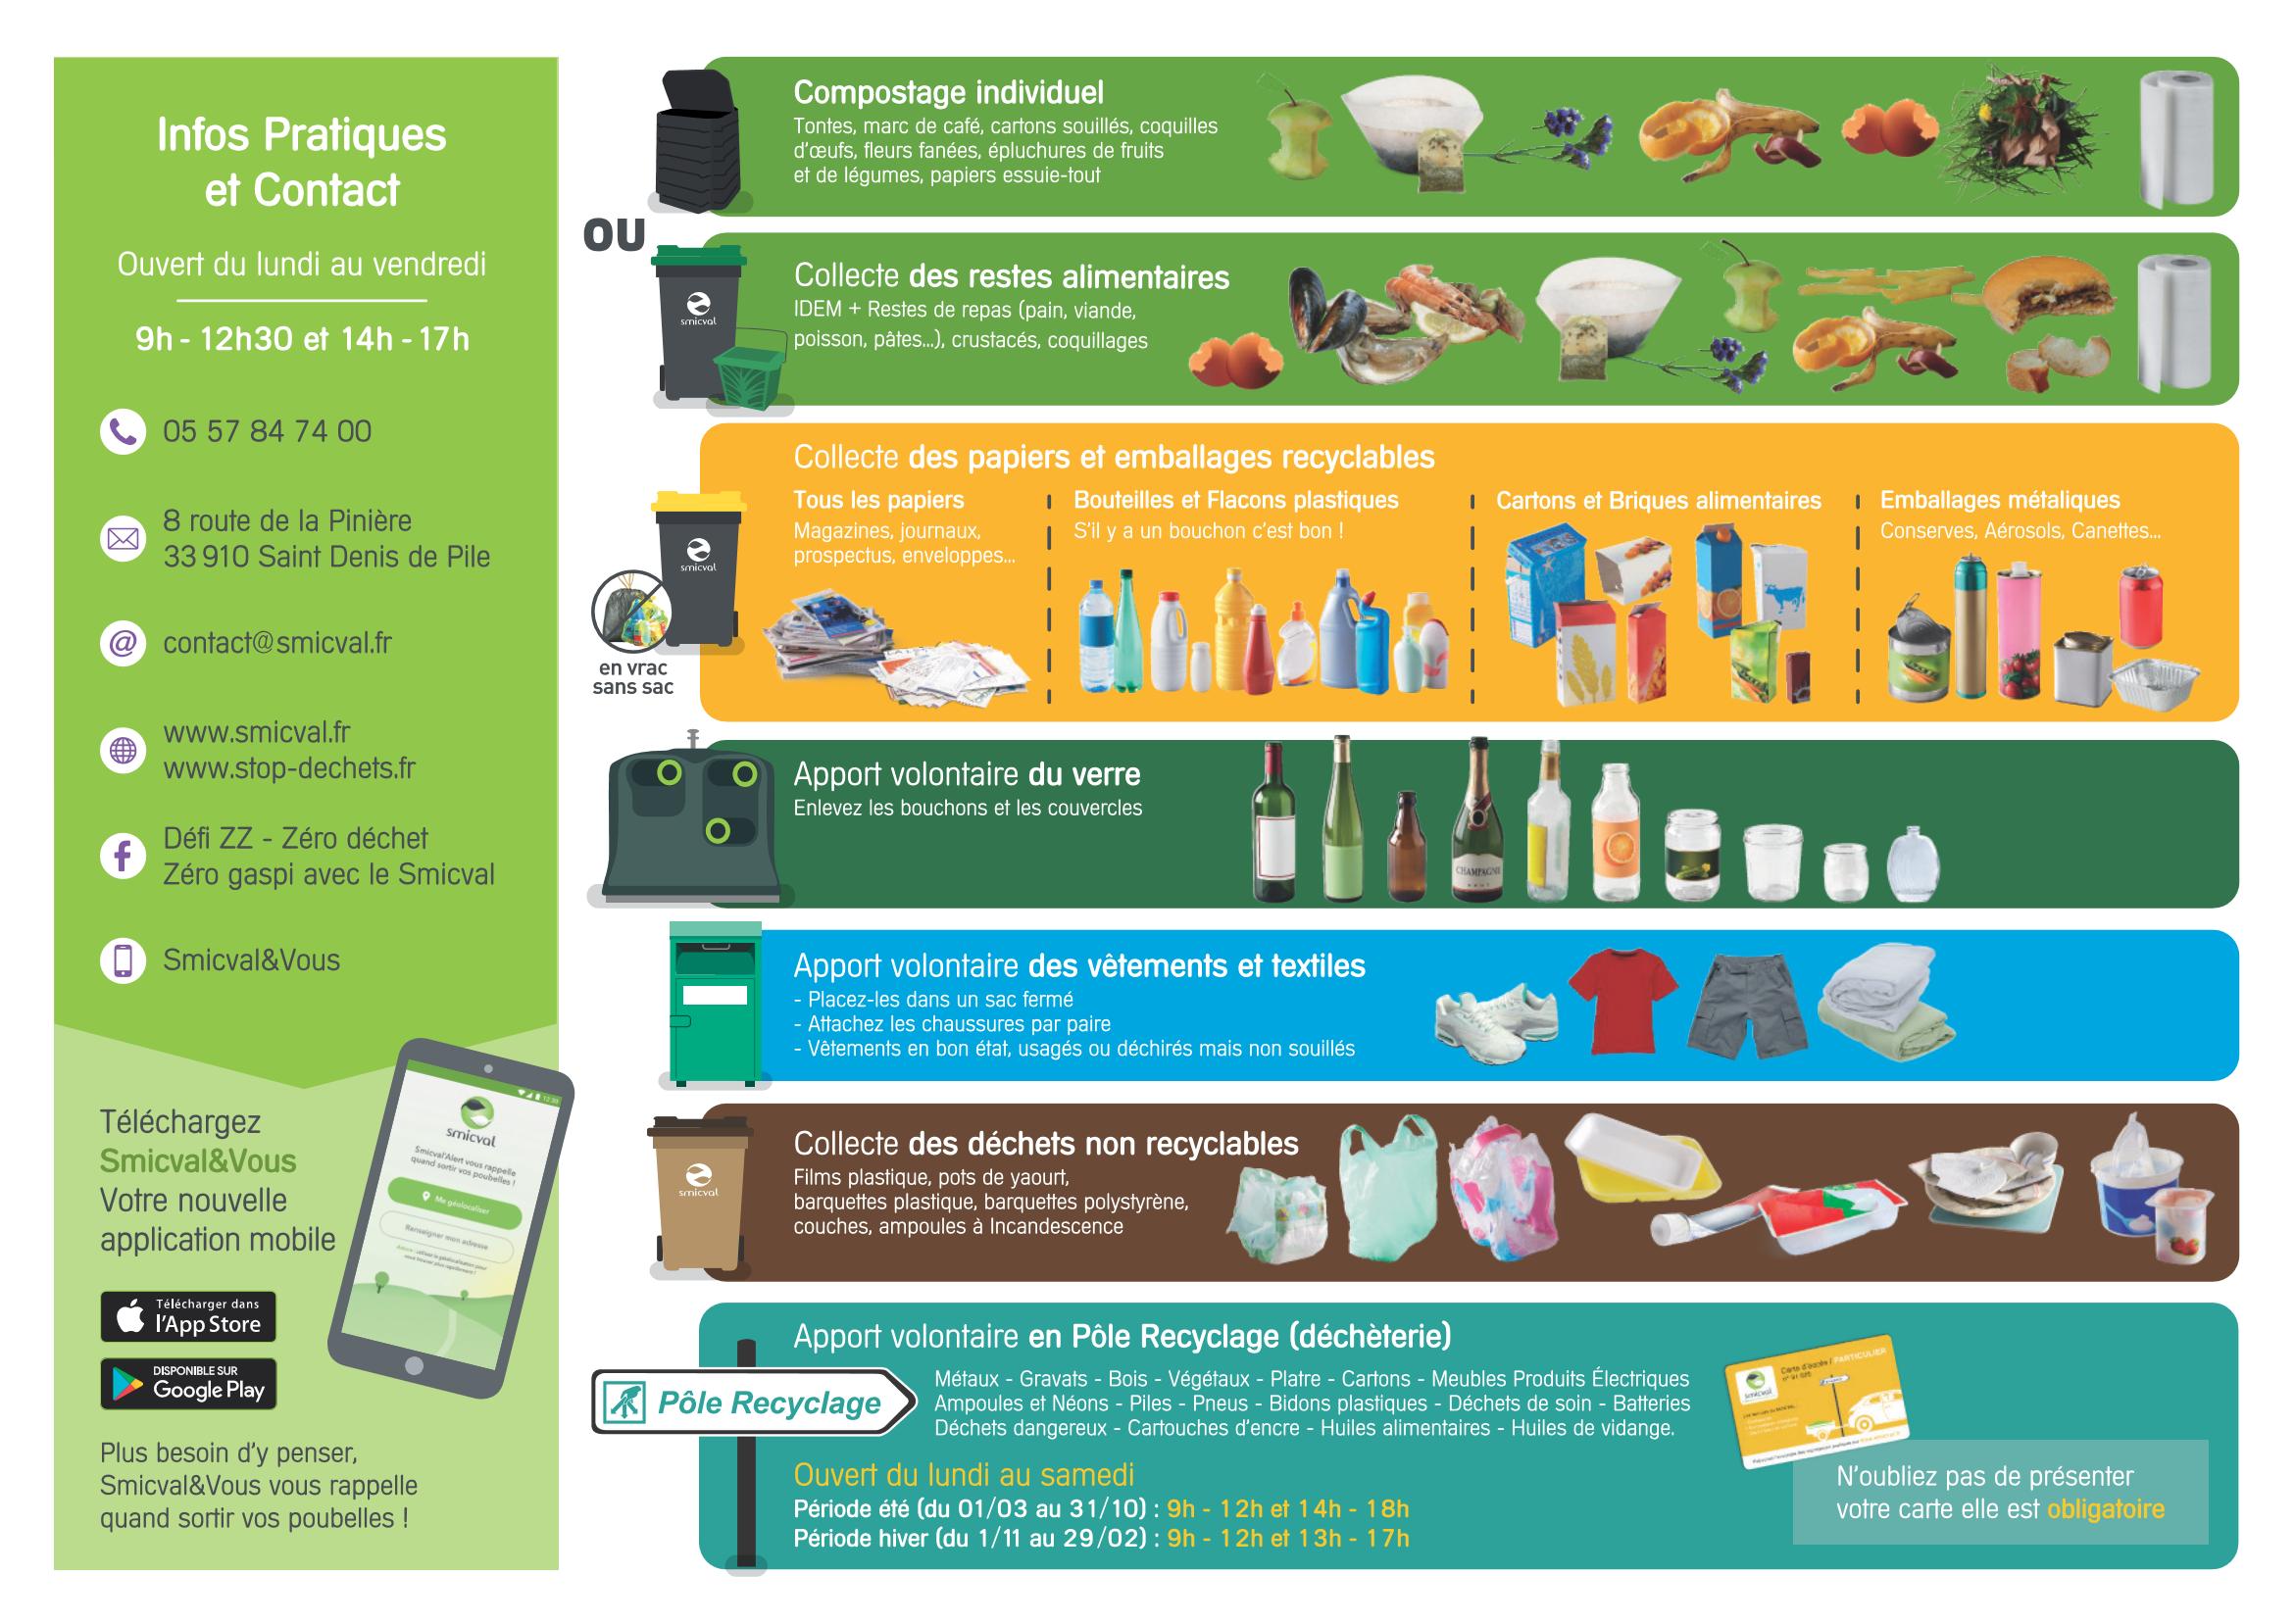 Environnement, collecte des déchets